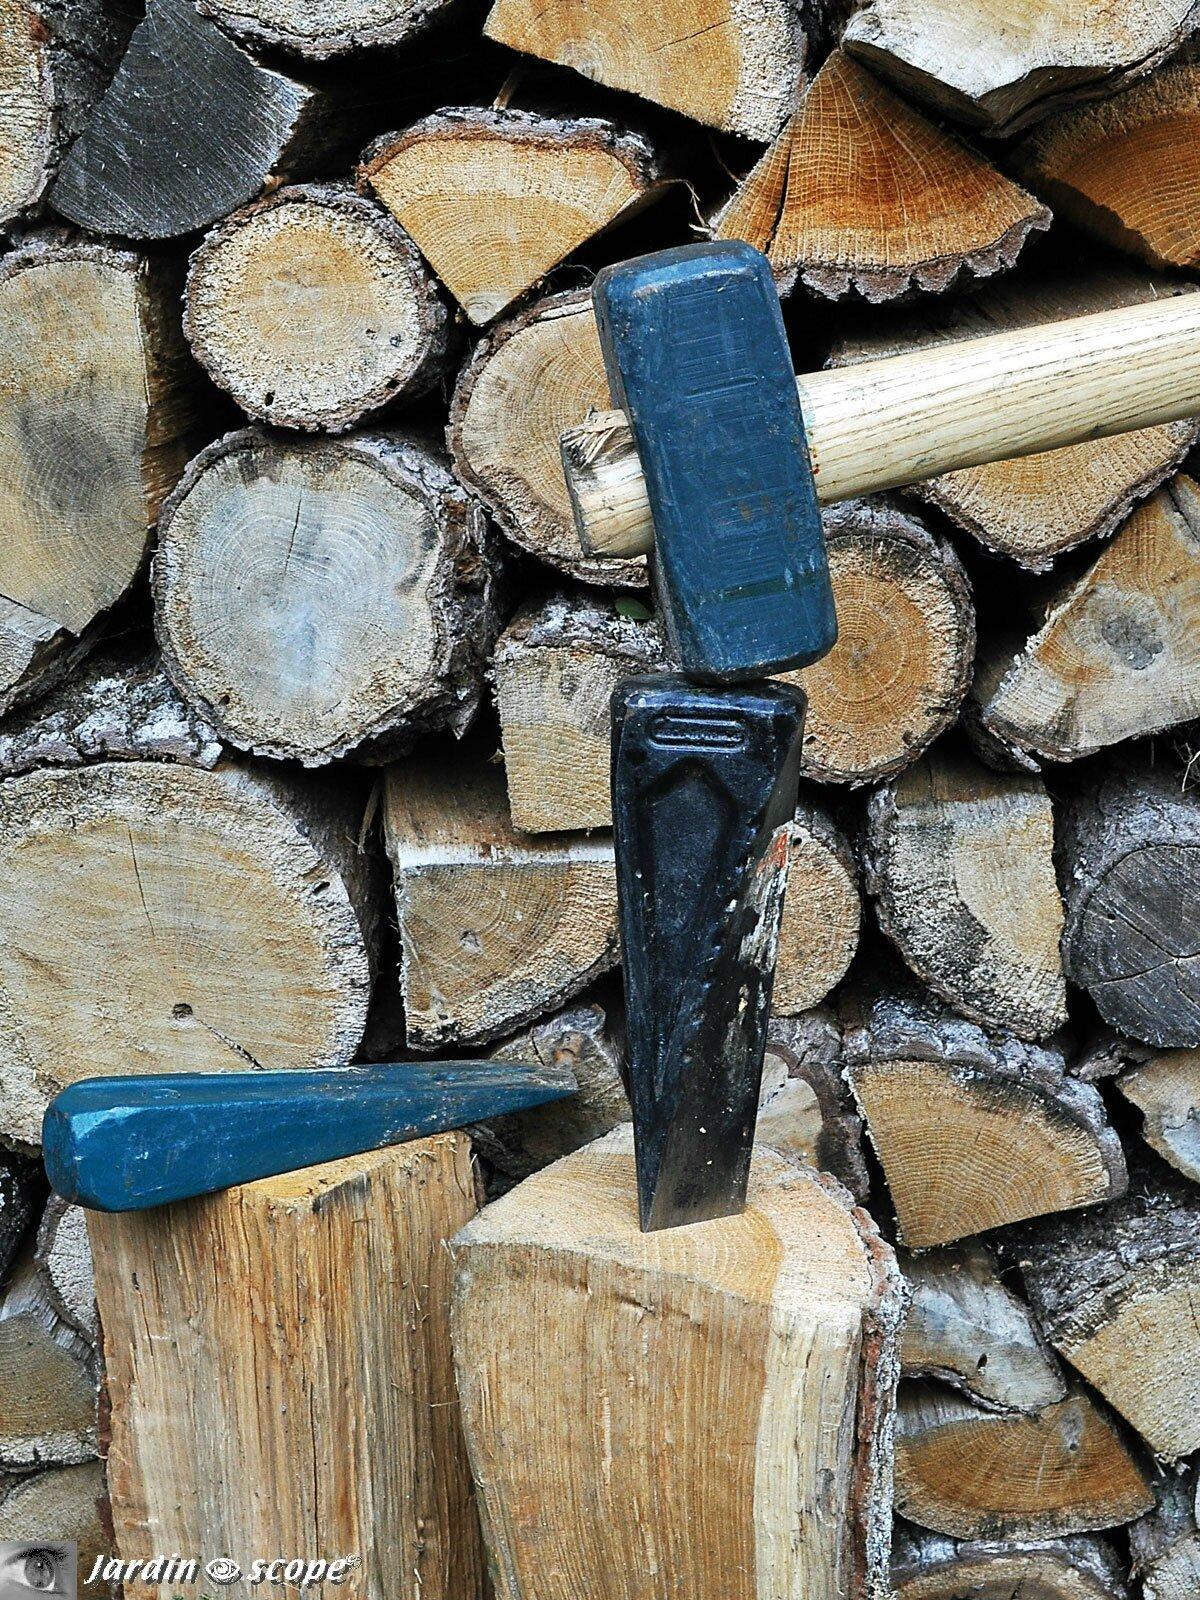 des outils perfectionn s pour fendre le bois le jardinoscope cot pratique les bons gestes. Black Bedroom Furniture Sets. Home Design Ideas